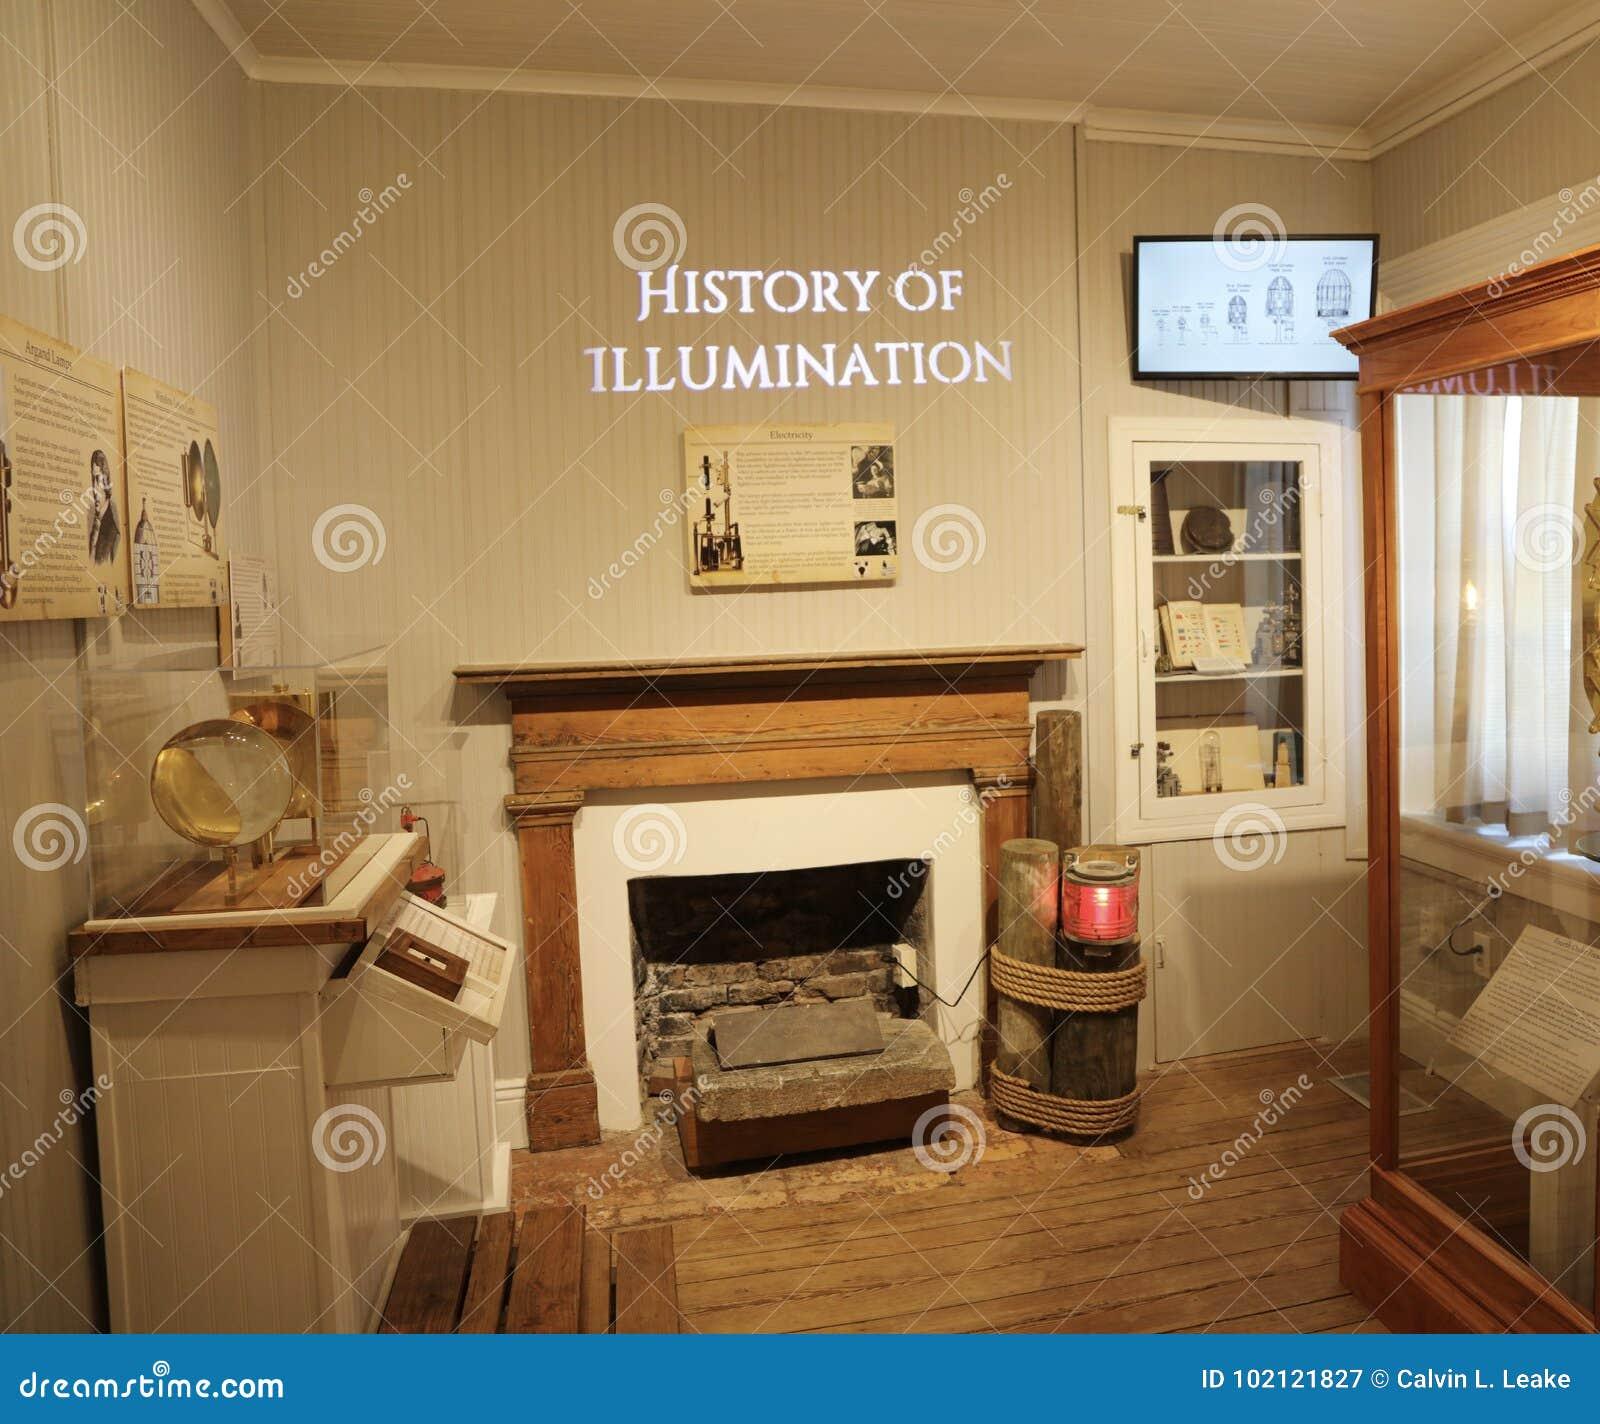 Geschiedenis Van Verlichting Stock Images - 17,752 Photos